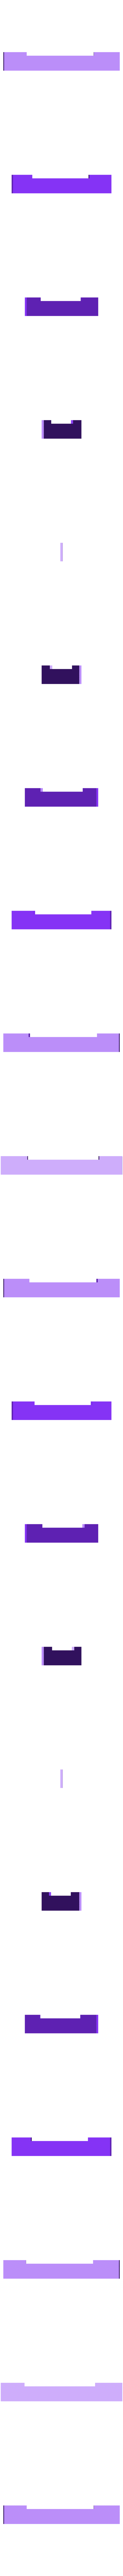 fun_sign2a_1.stl Télécharger fichier STL gratuit Ripper's London - Salon funéraire / boutique • Design pour imprimante 3D, Earsling